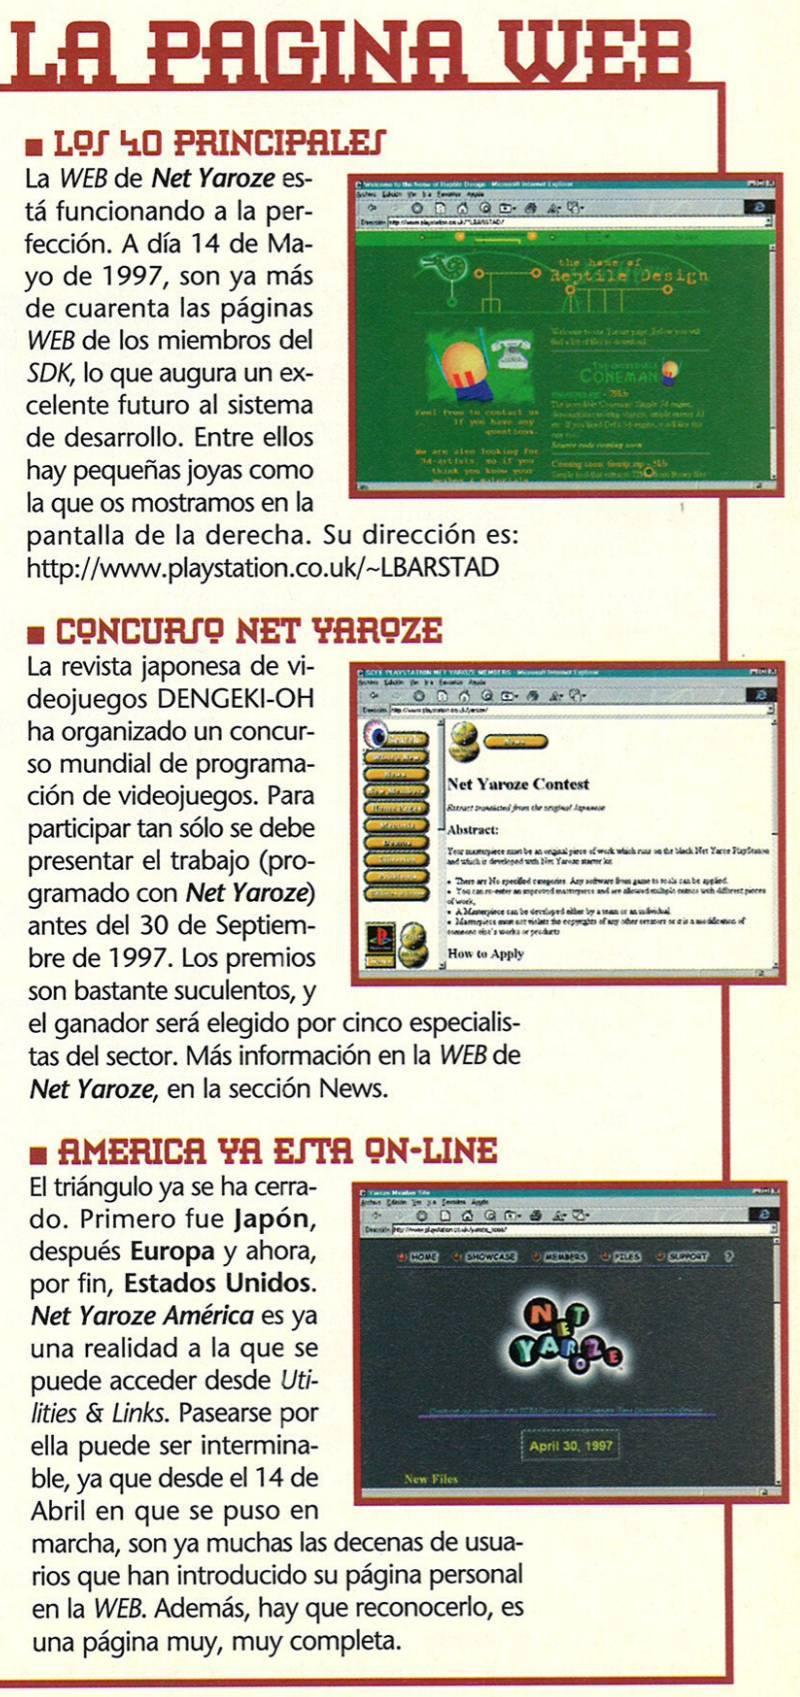 Las paginas WEB de miembros Net Yaroze